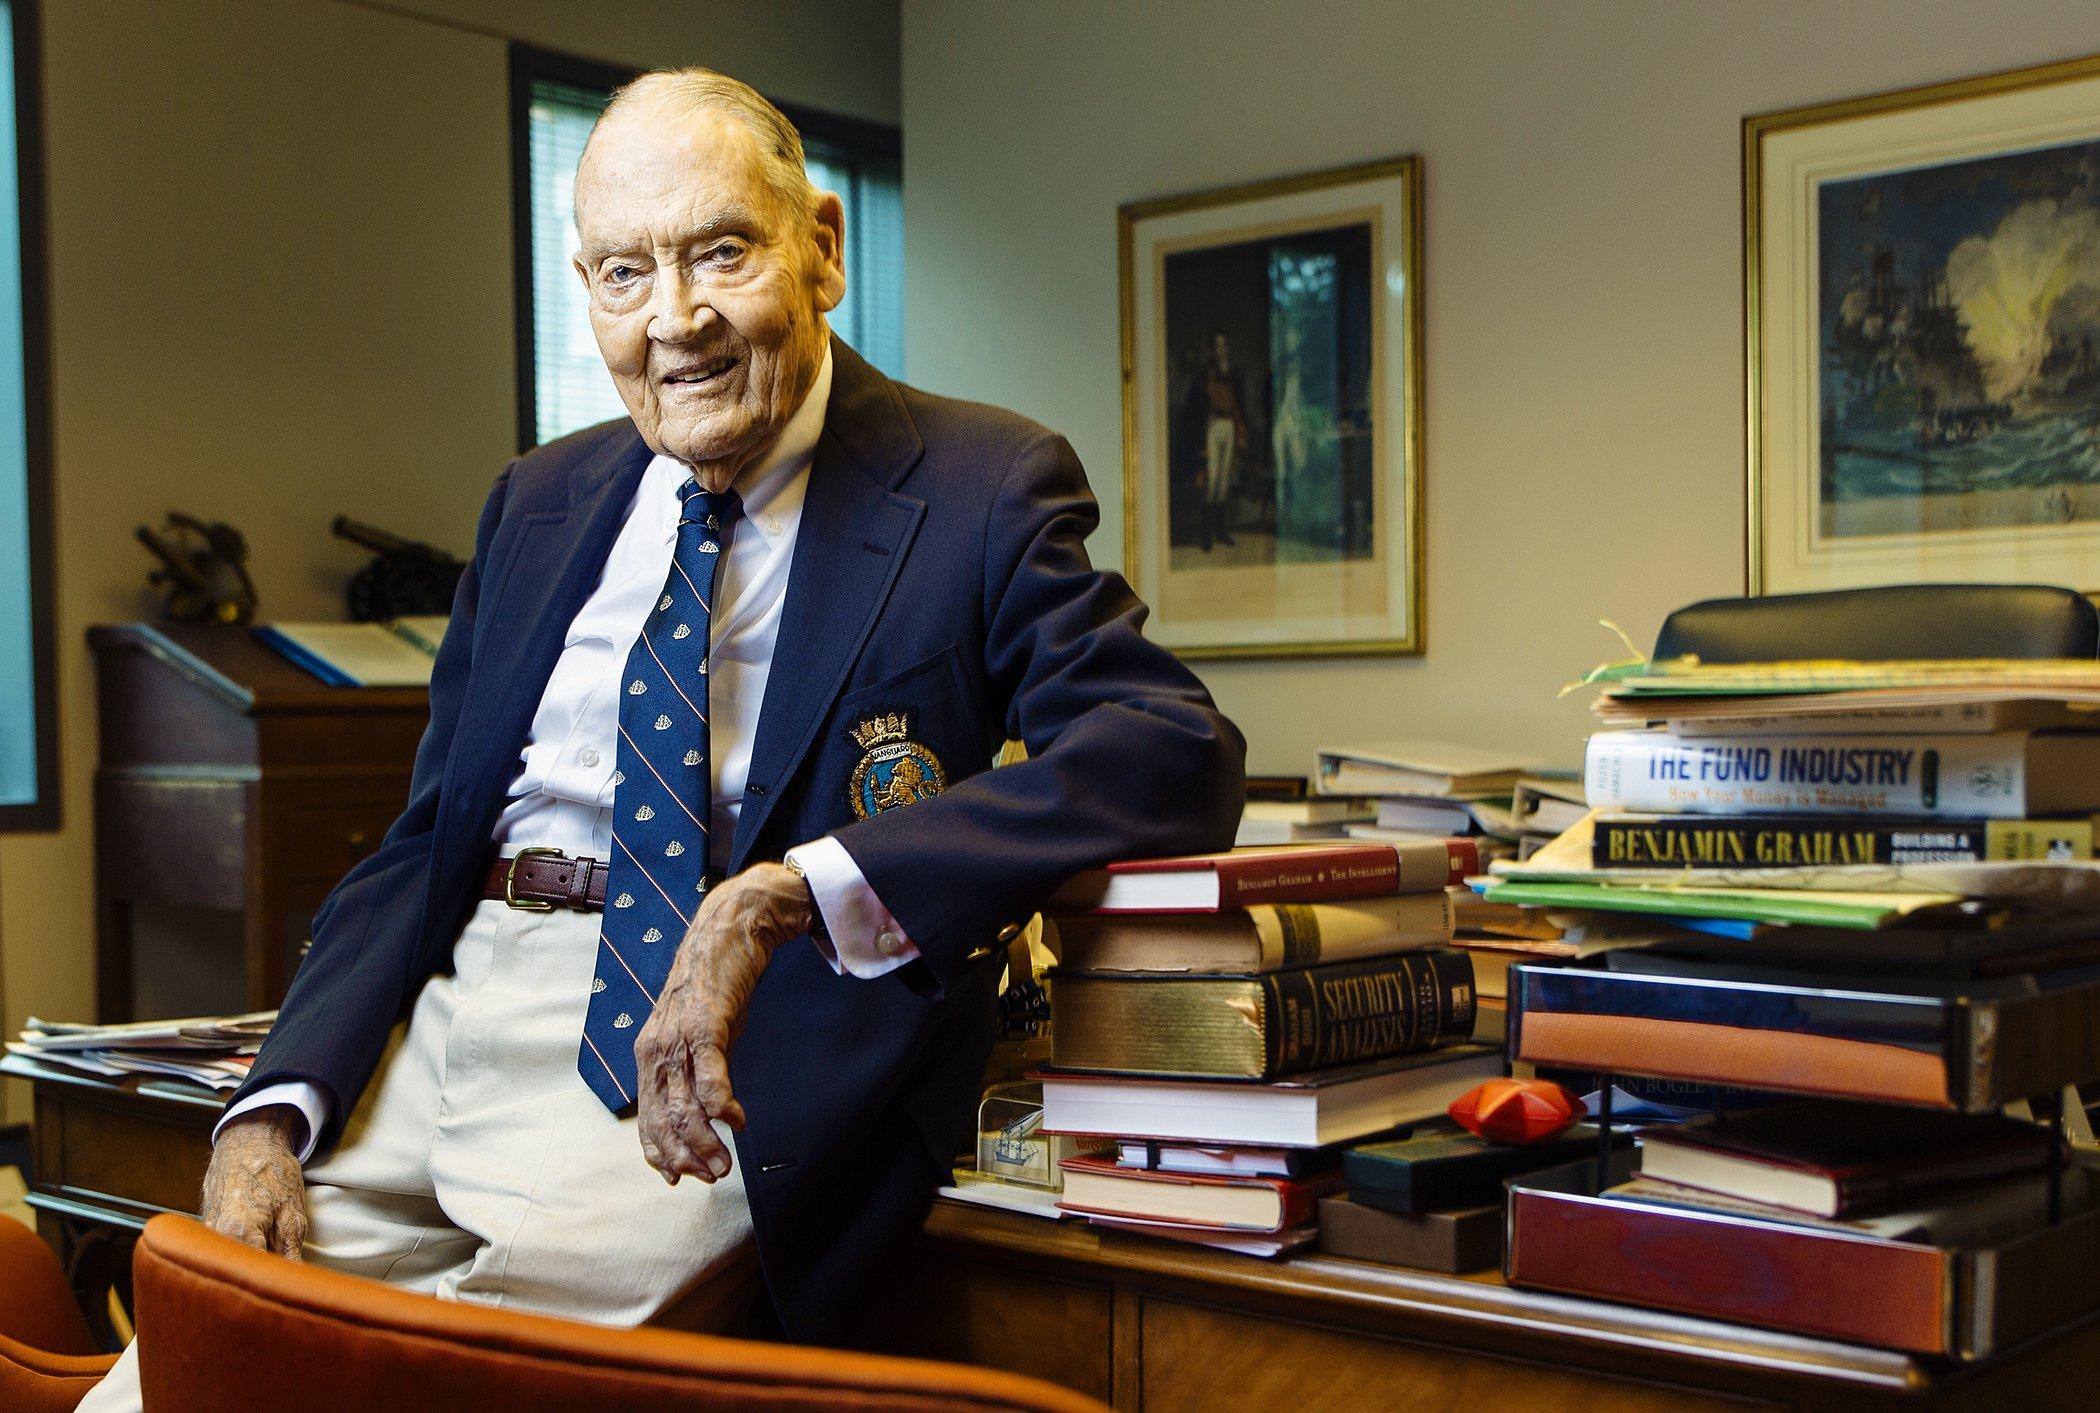 Сальери фондового рынка. 10 фактов о покойном Джоне Богле, основателе крупнейшей инвесткомпании мира